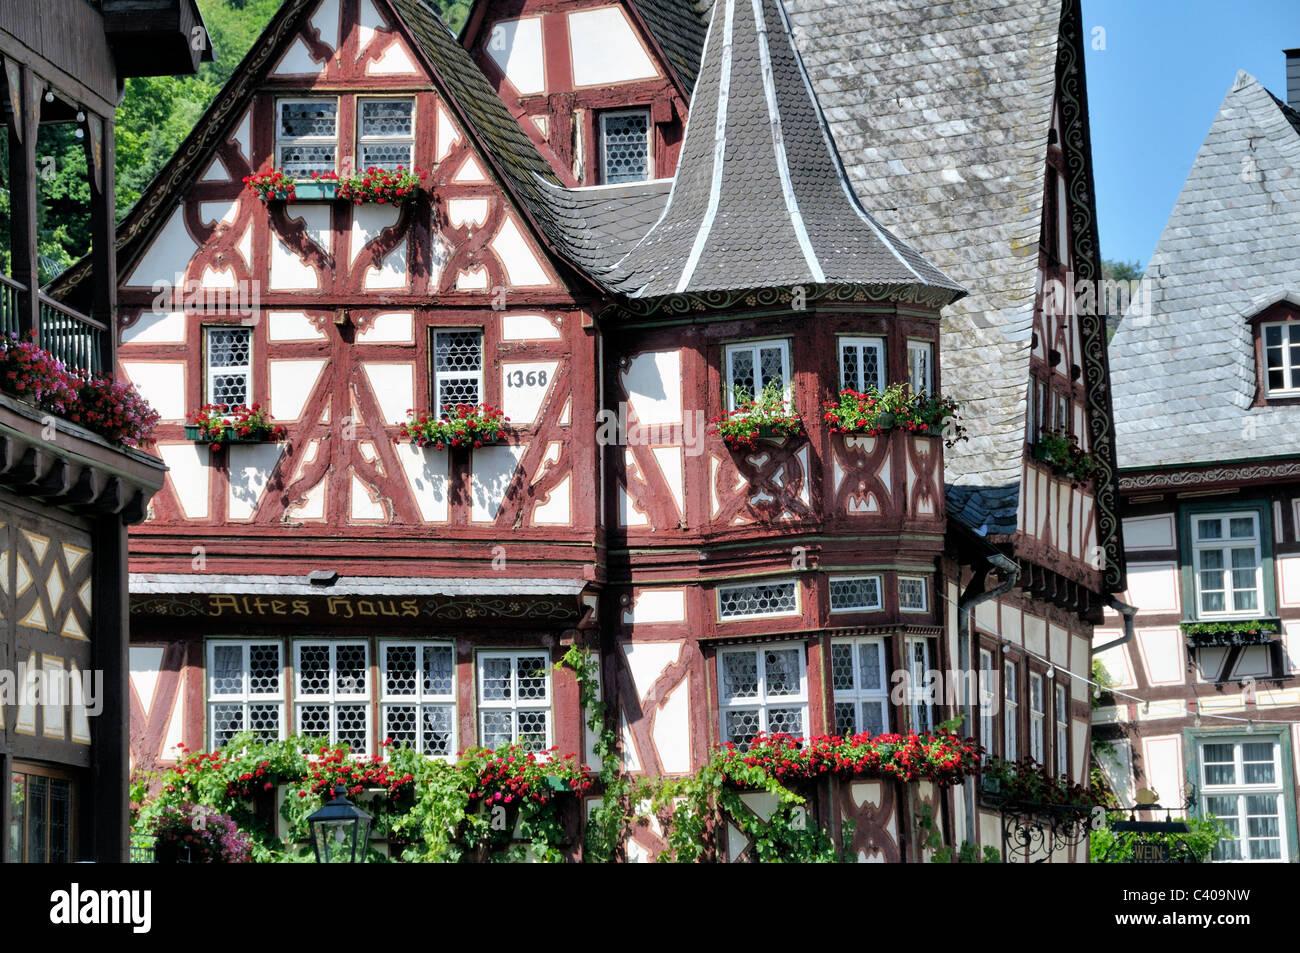 1368 alt bacharach deutschland europa fachwerk h user. Black Bedroom Furniture Sets. Home Design Ideas